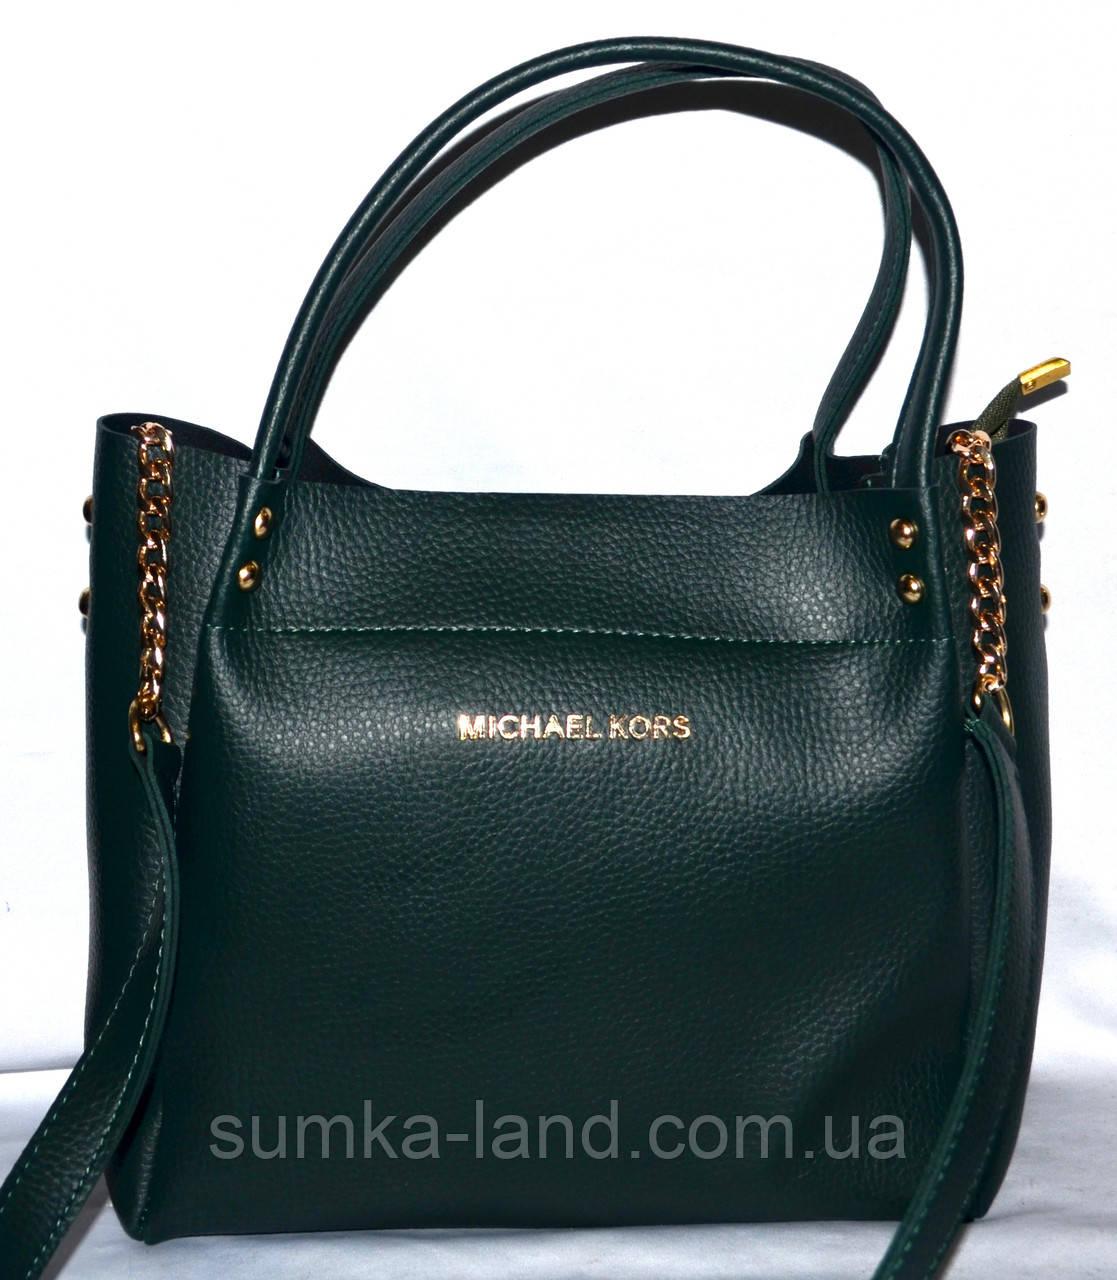 Женская брендовая зеленая сумка Michael Kors 26*25 см